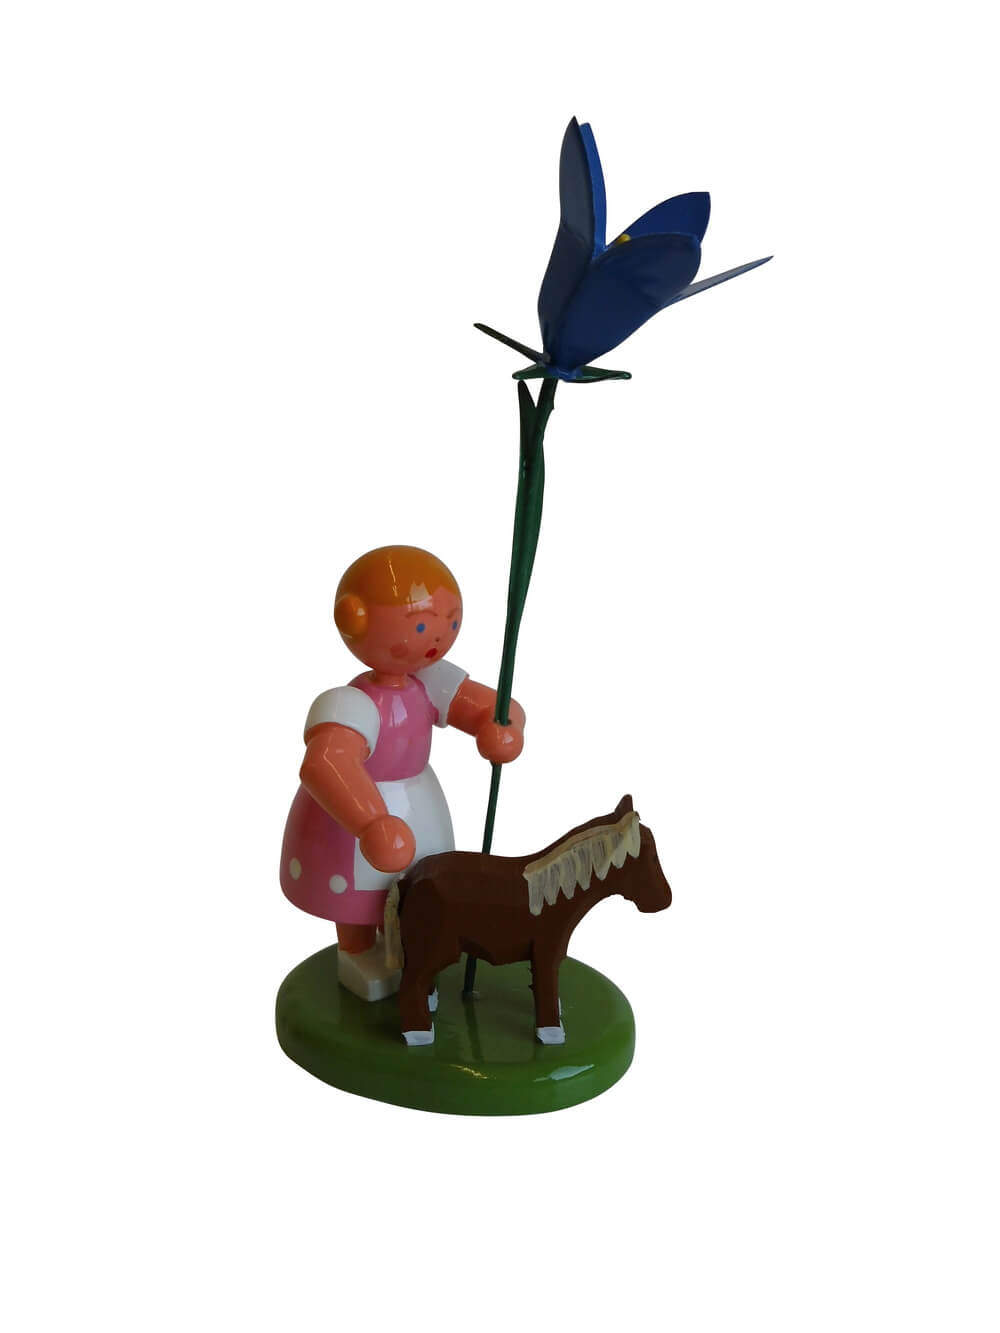 Blumenkinder - Blumenkind Mädchen mit Reifentier (Pony) und Glockenblume, 10 cm, WEHA-Kunst Dippoldiswalde/ Erzgebirge